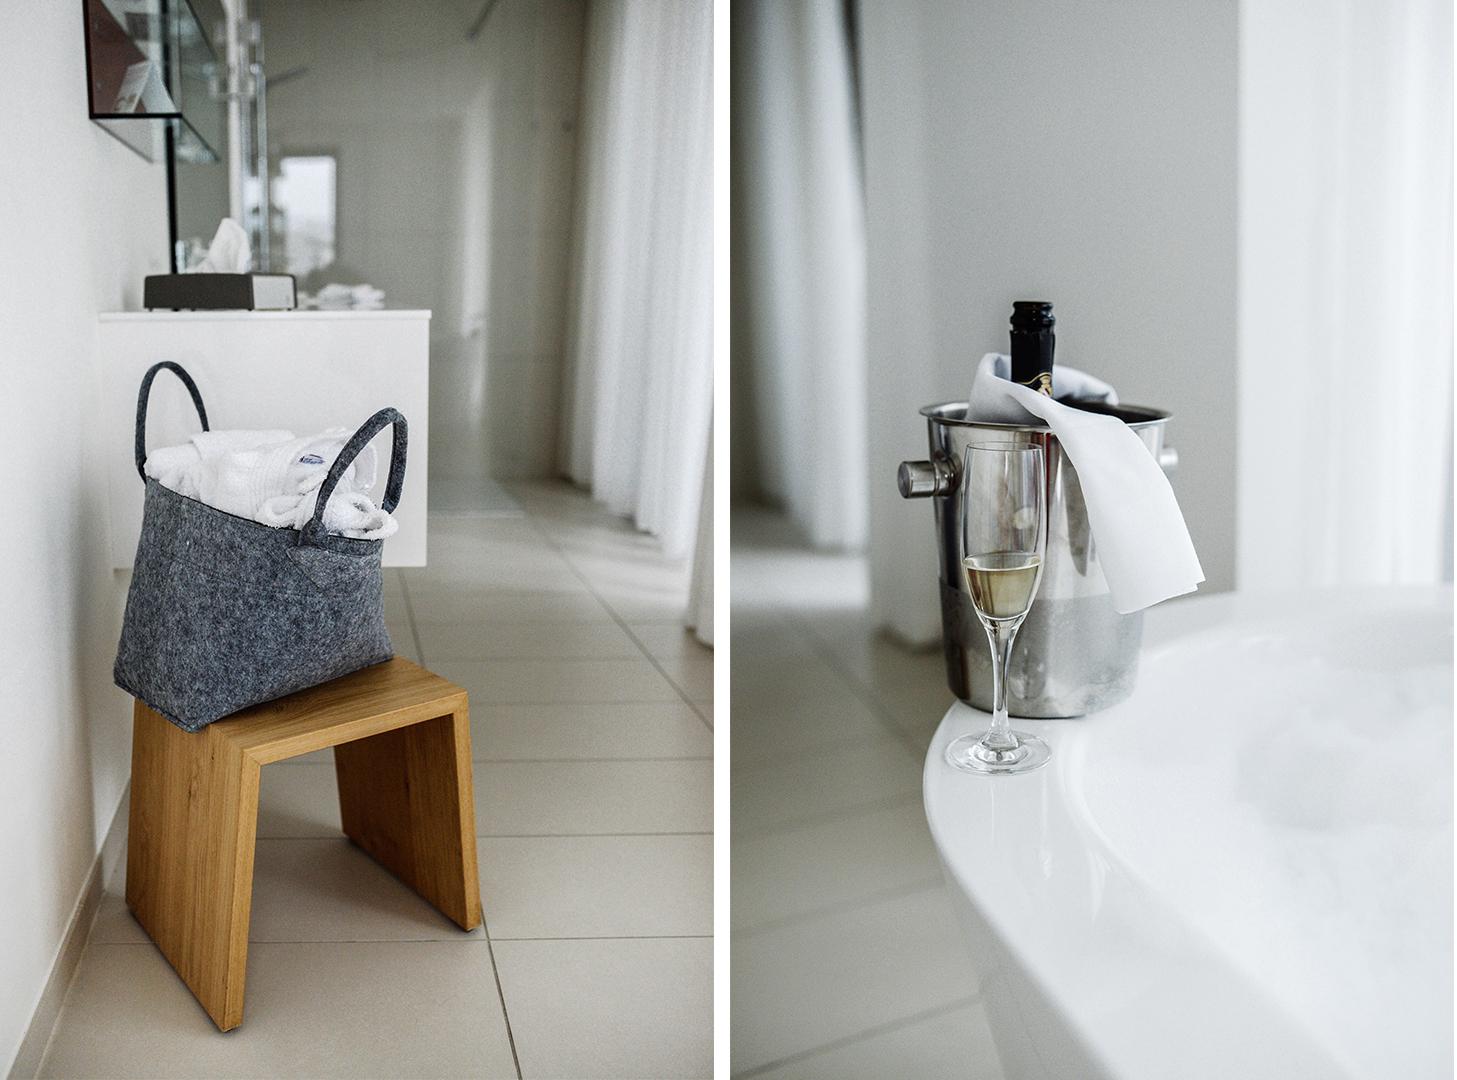 wie fliest man ein modernes bad 5083 made house decor. Black Bedroom Furniture Sets. Home Design Ideas